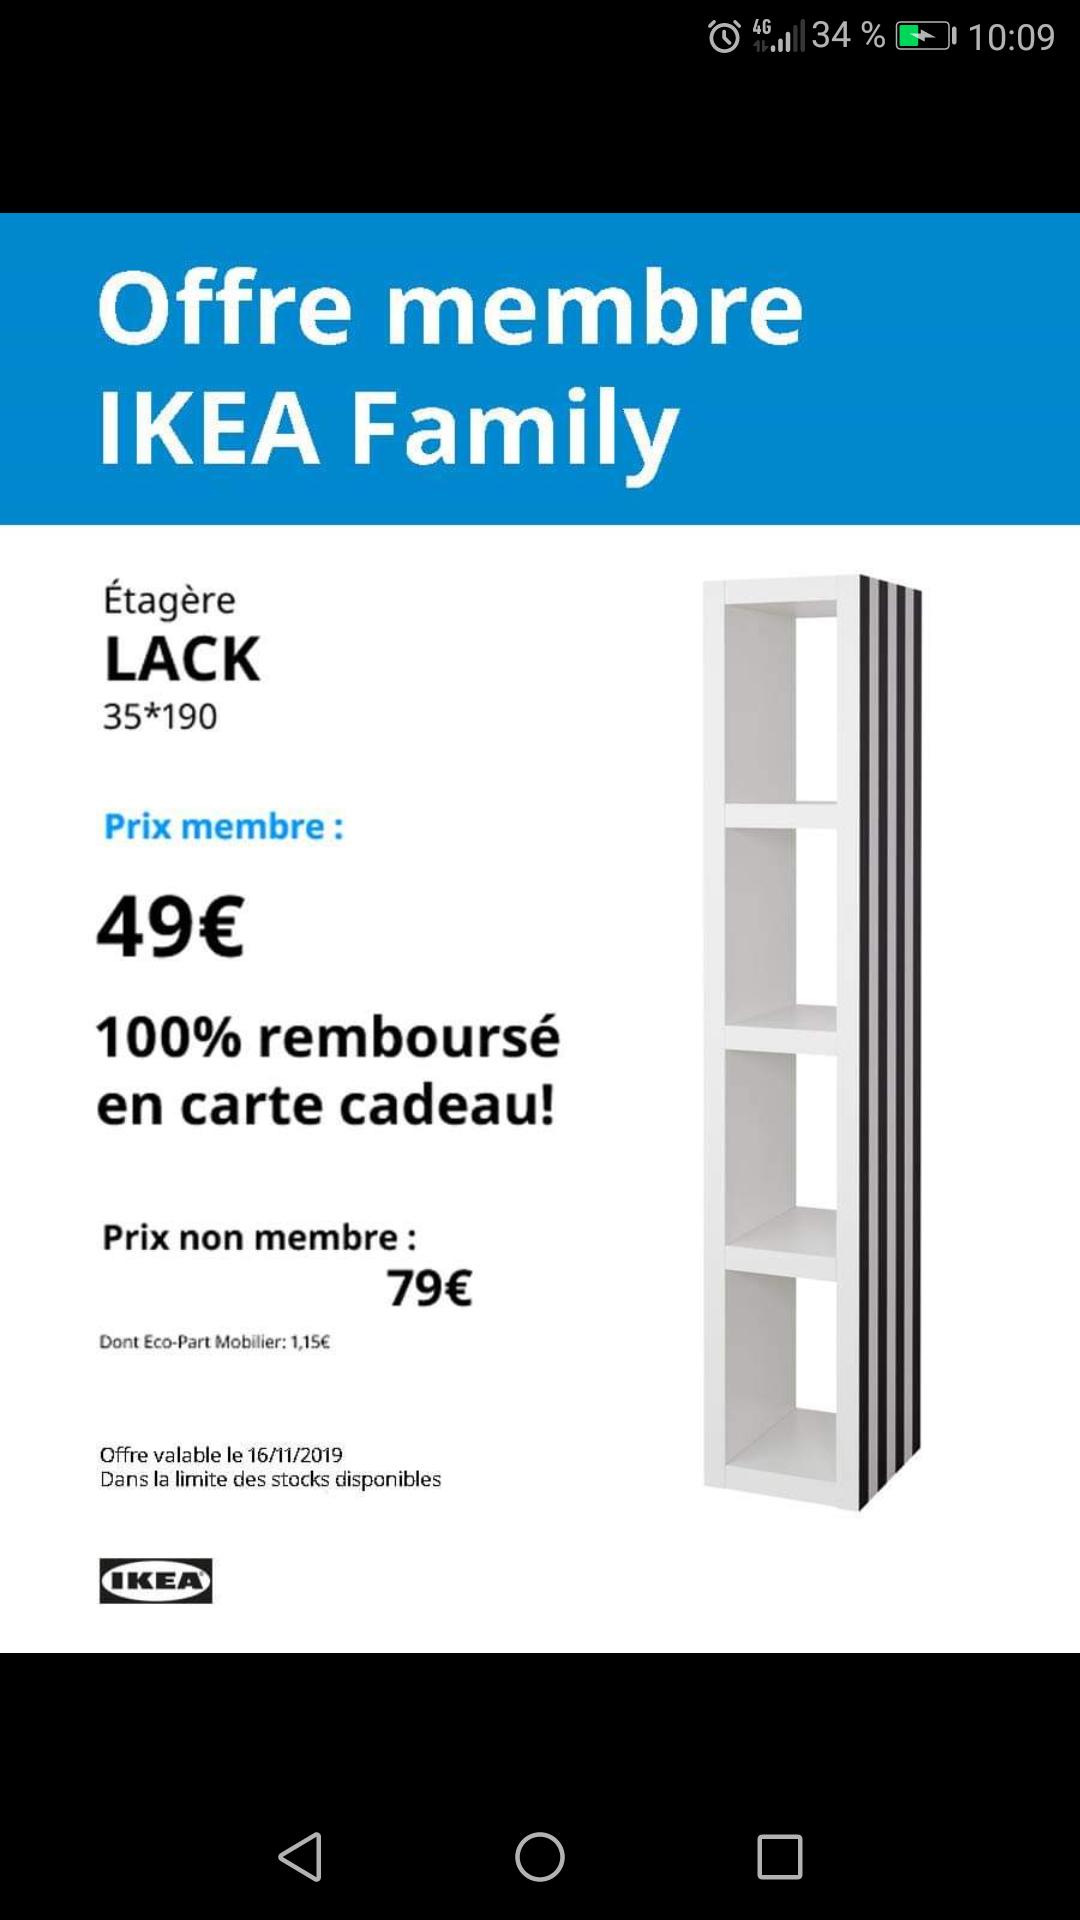 [Ikéa Family] Étagère Lack - 35 x 190 cm (100% remboursée en carte cadeau)